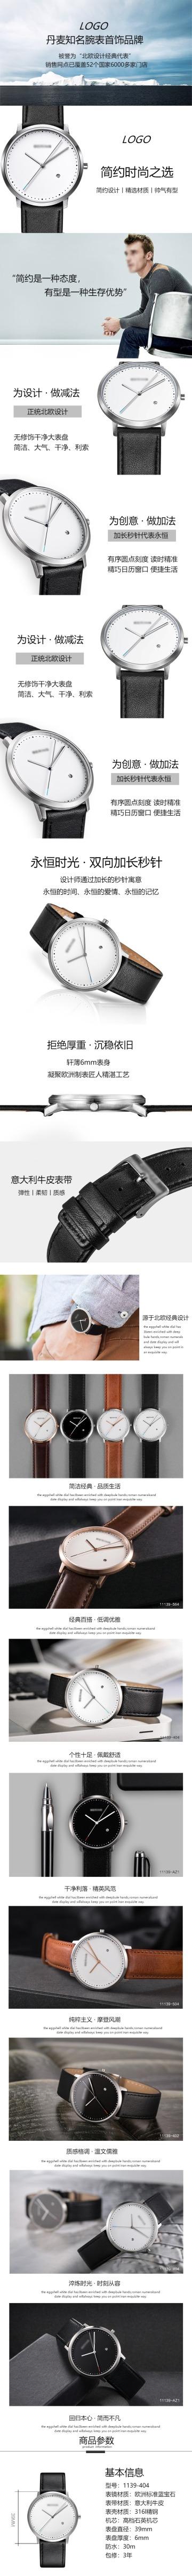 简约时尚手表电商详情页